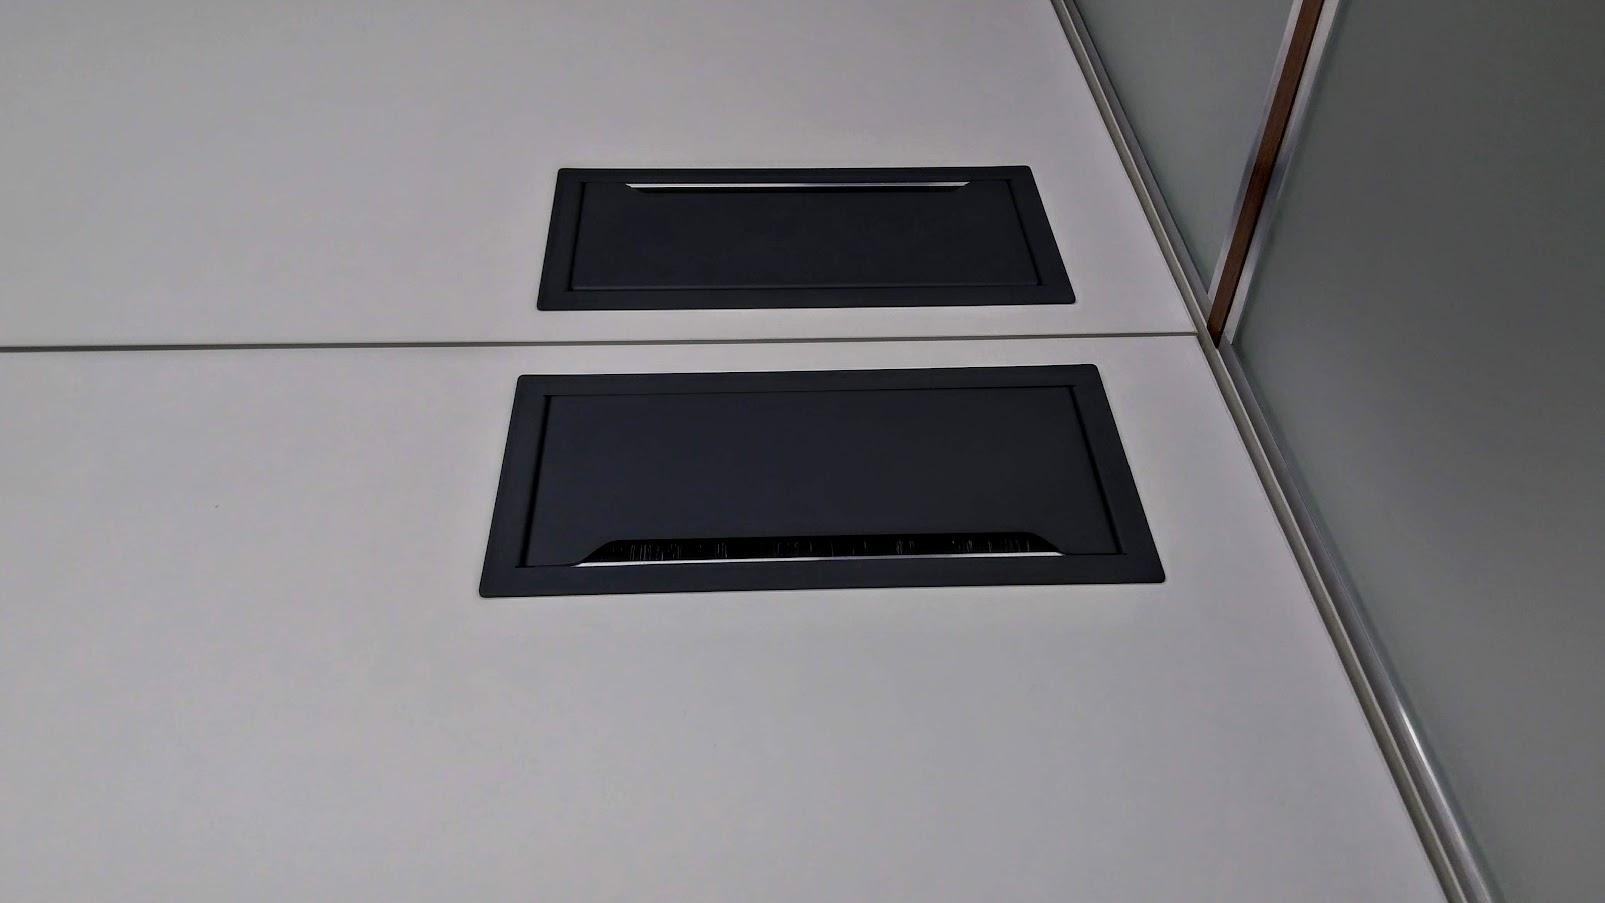 Фурнитура для стола - Модульная офисная мебель, Металлические каркасы столов, Мебельные опоры ✆ 0679245444